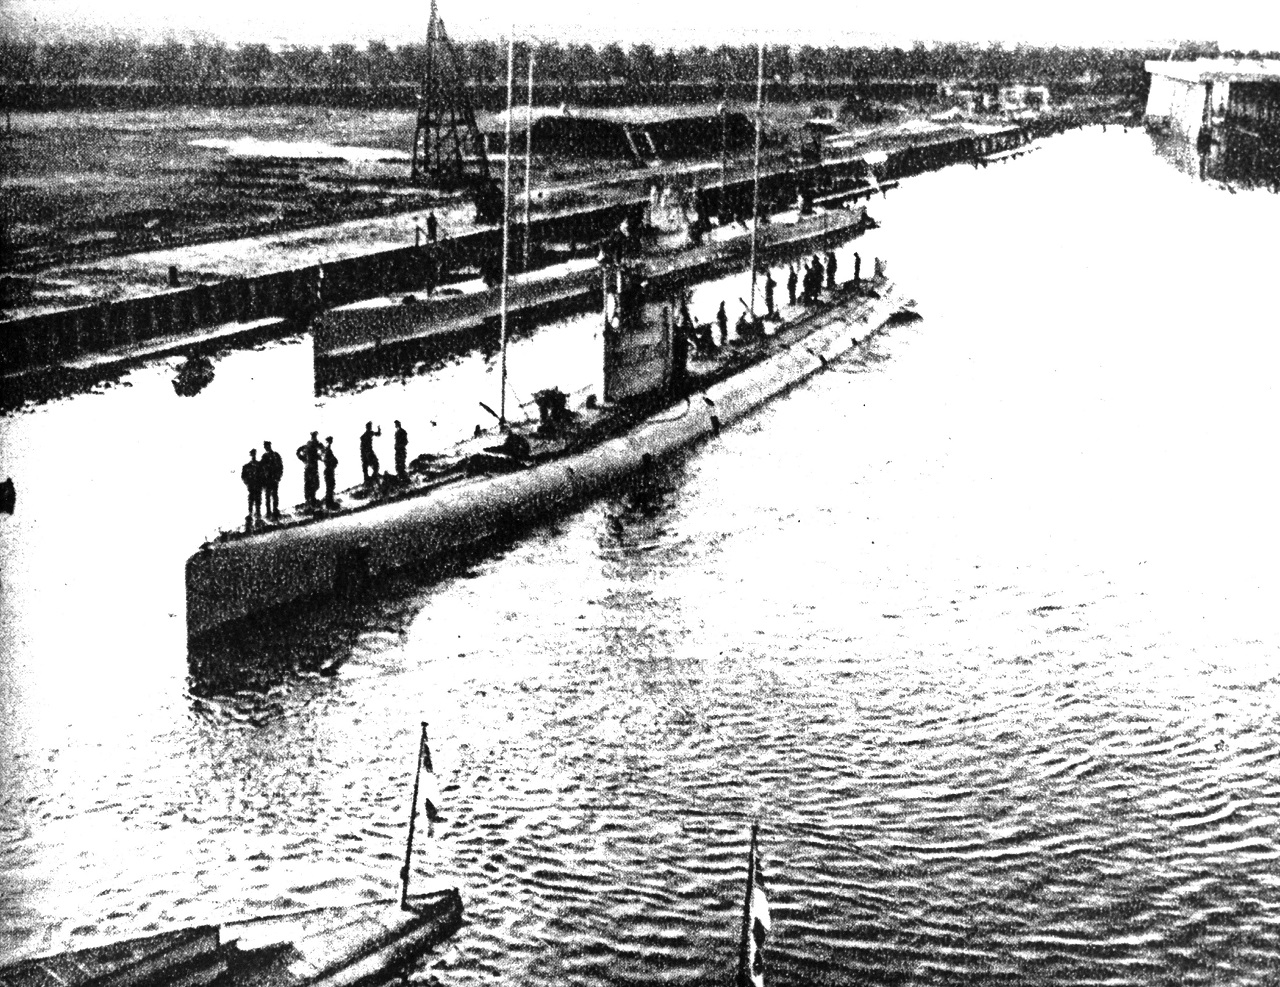 I. világháborús német tengeralattjáró roncsát találták meg Belgiumnál